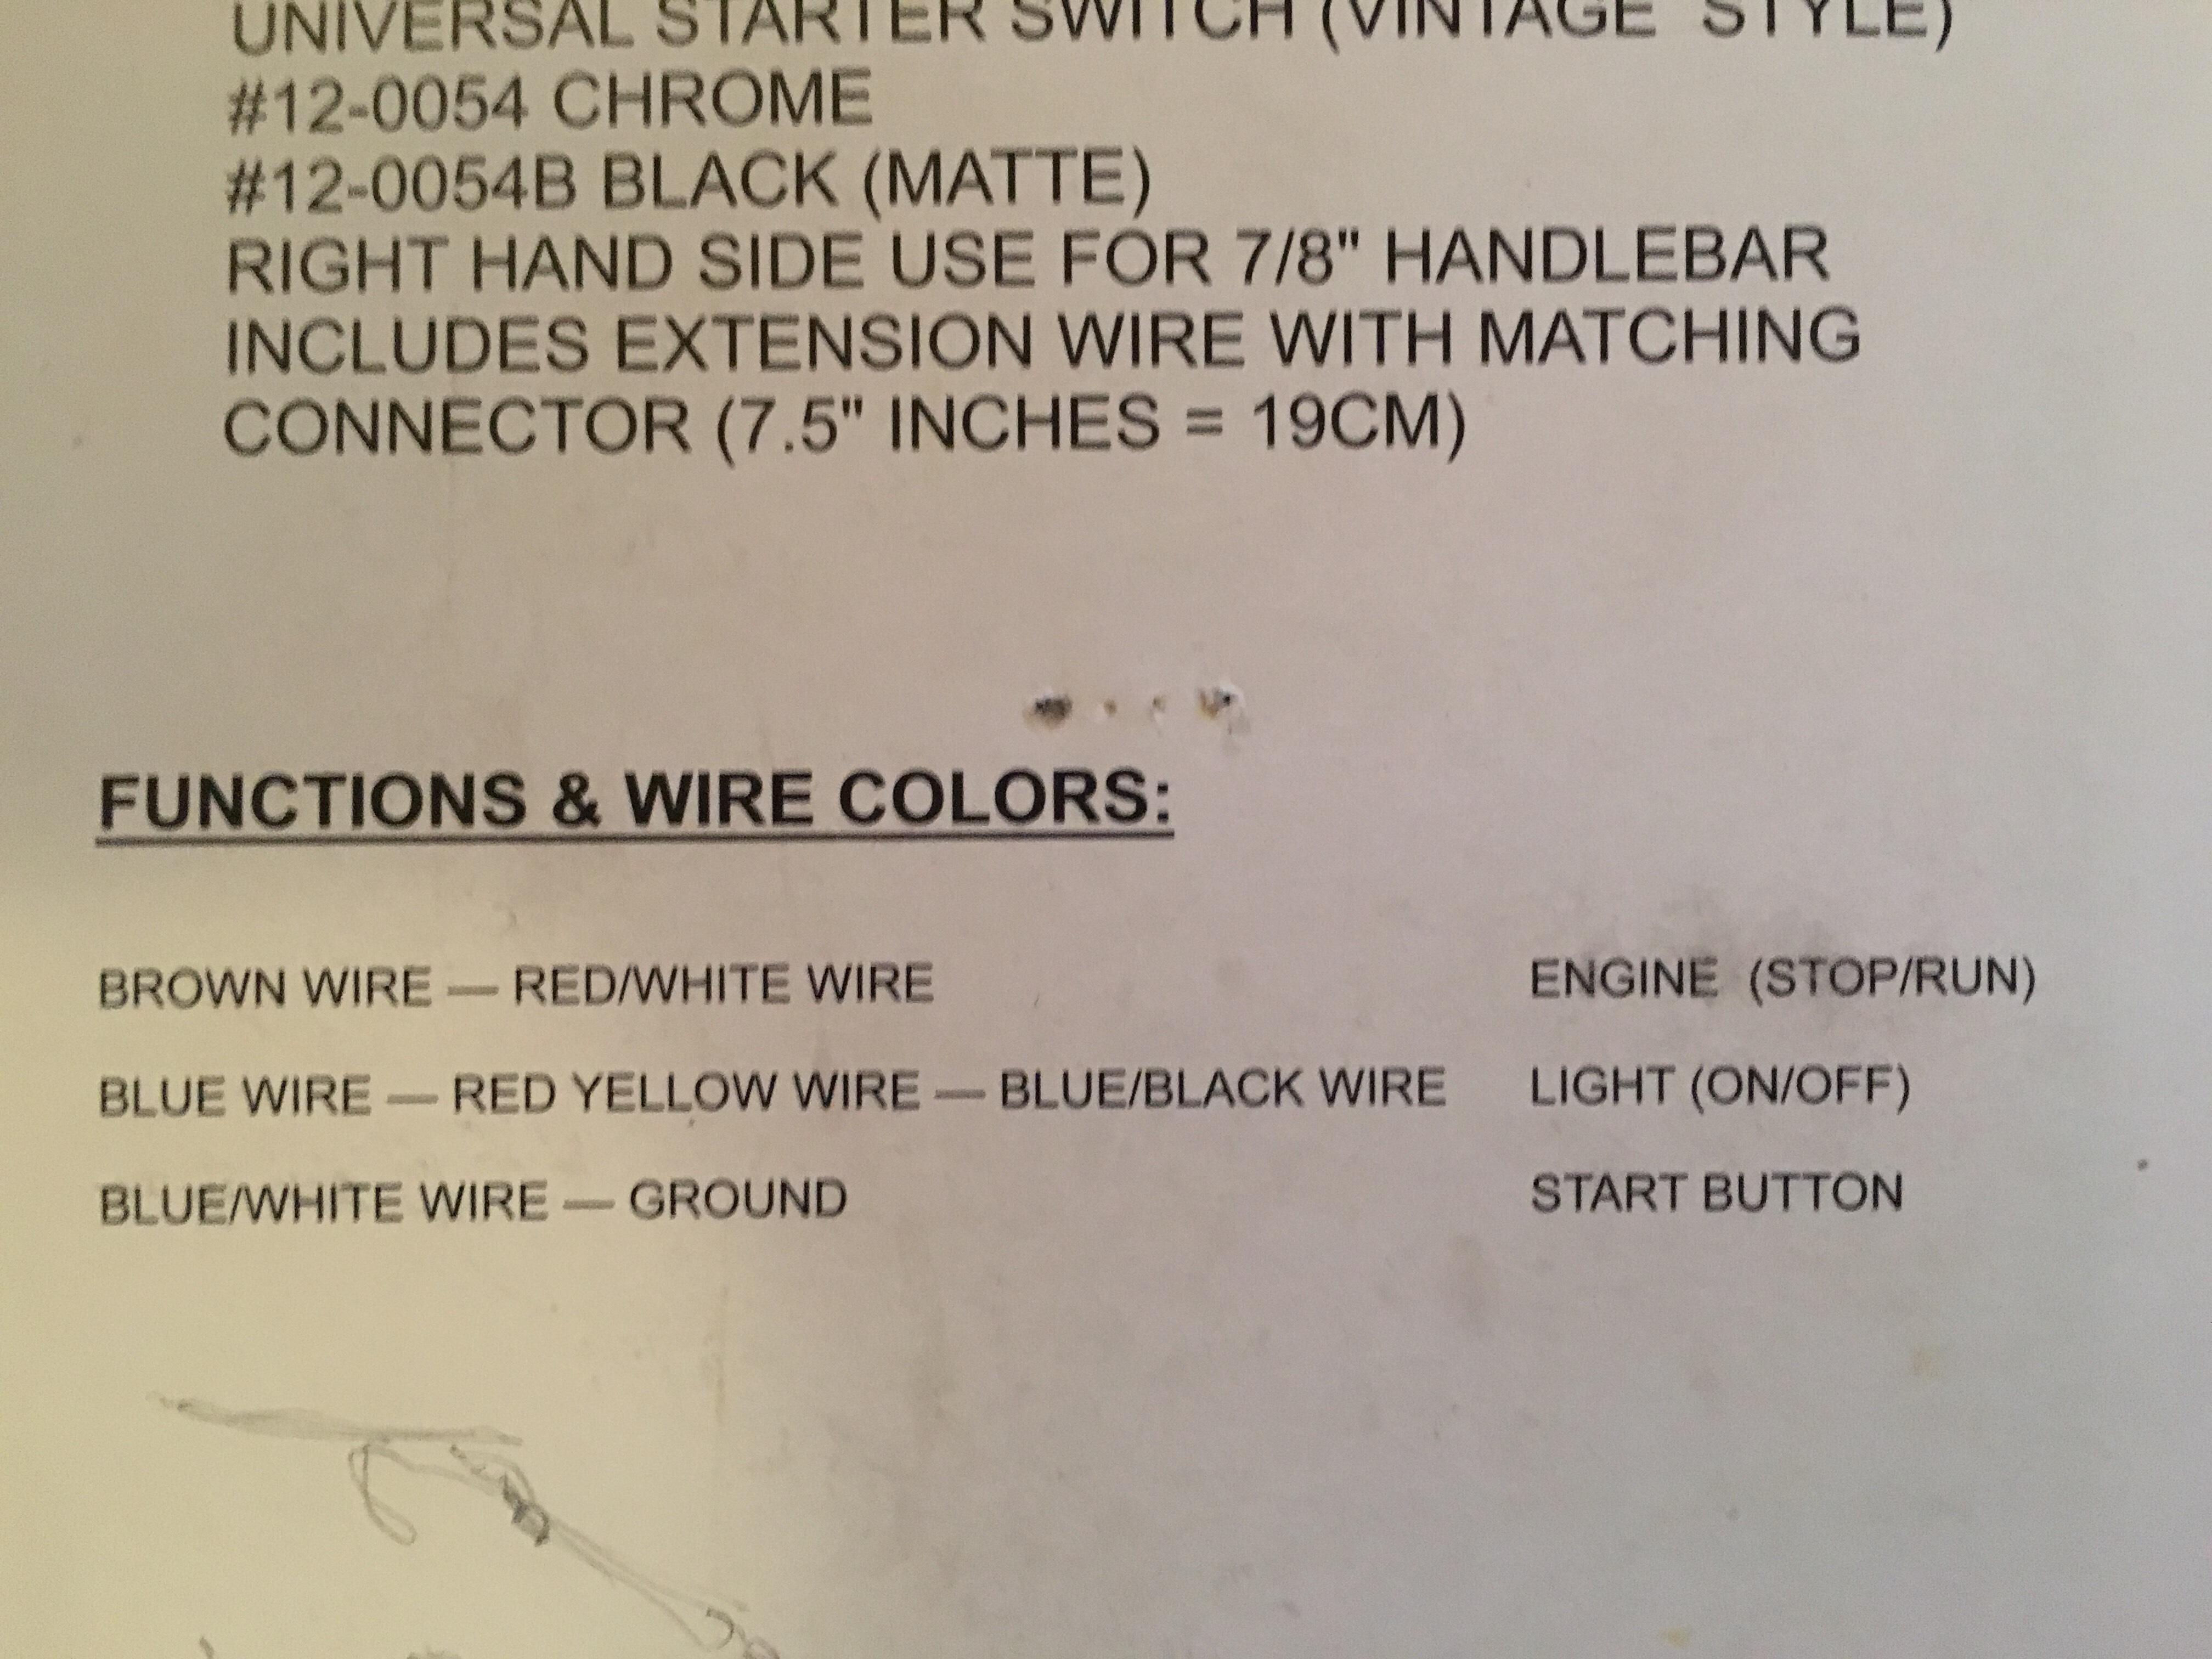 Ks Stop Run Switch Wiring Universal Starter Name Img 8797 Views 297 Size 167 Mb